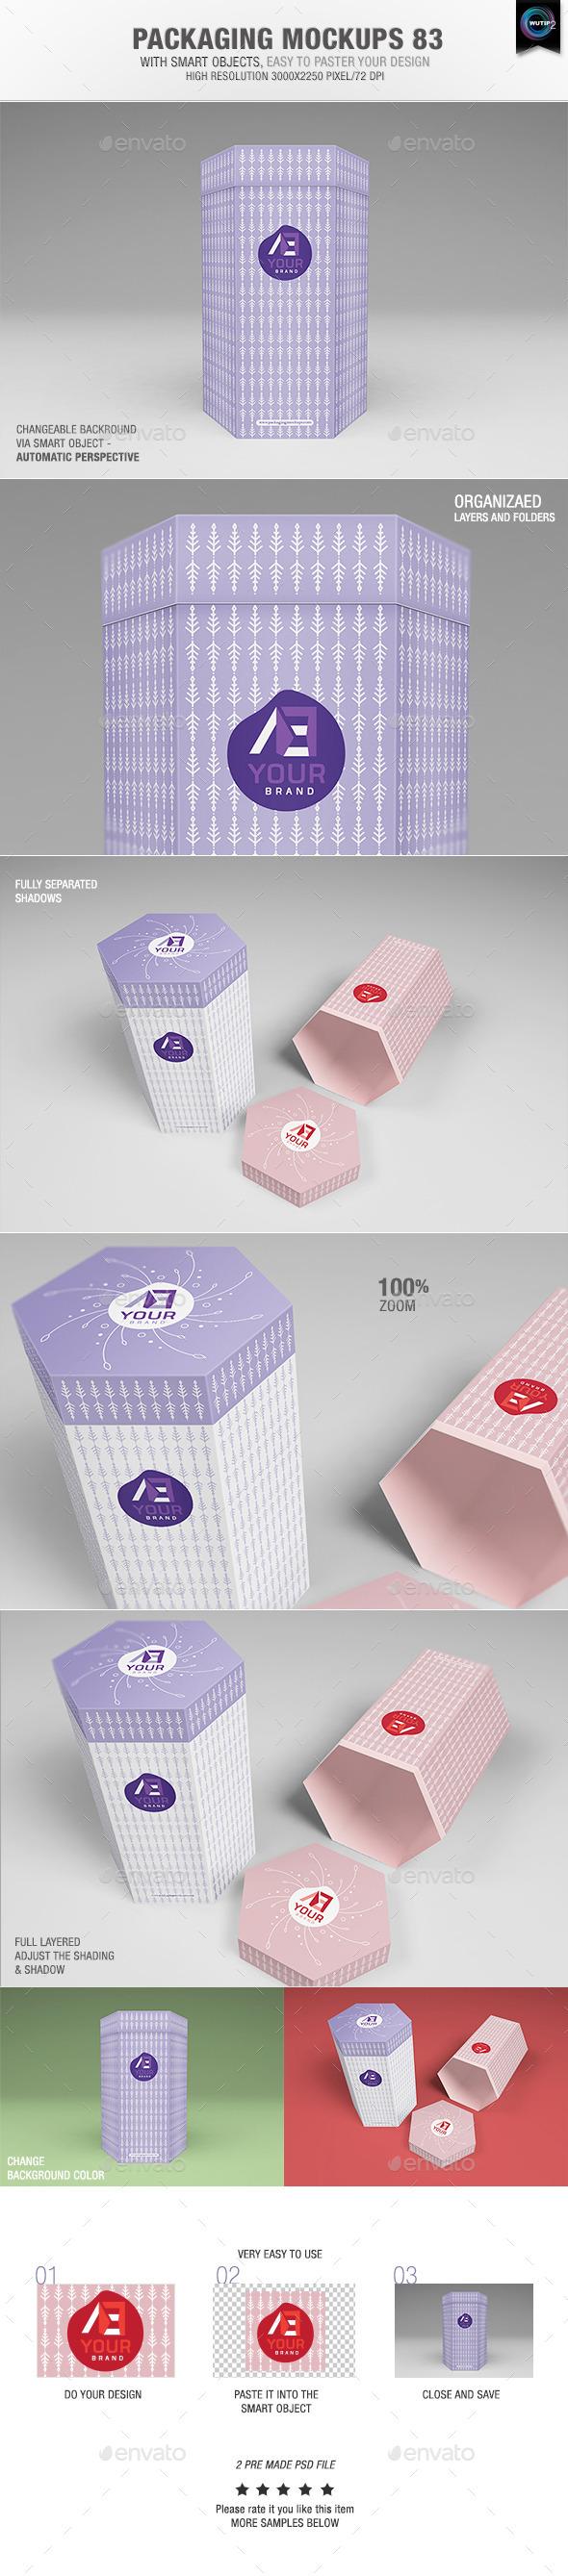 Packaging Mock-ups 83 - Packaging Product Mock-Ups